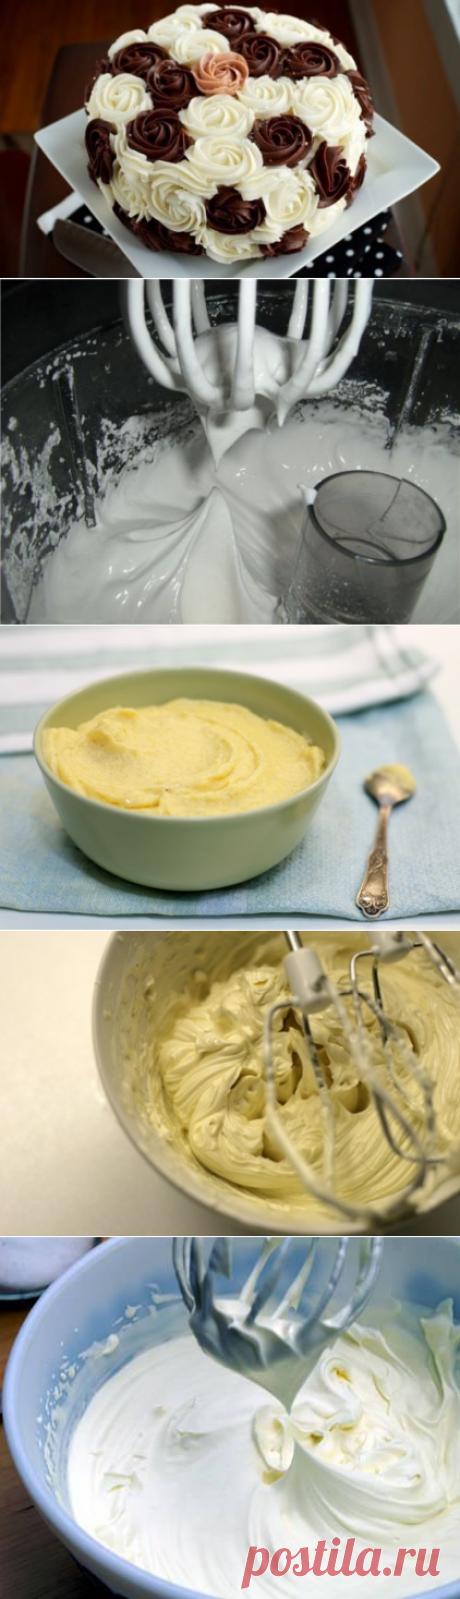 Украшение тортов: лучшие рецепты кремов ― Женский журнал WomanWay